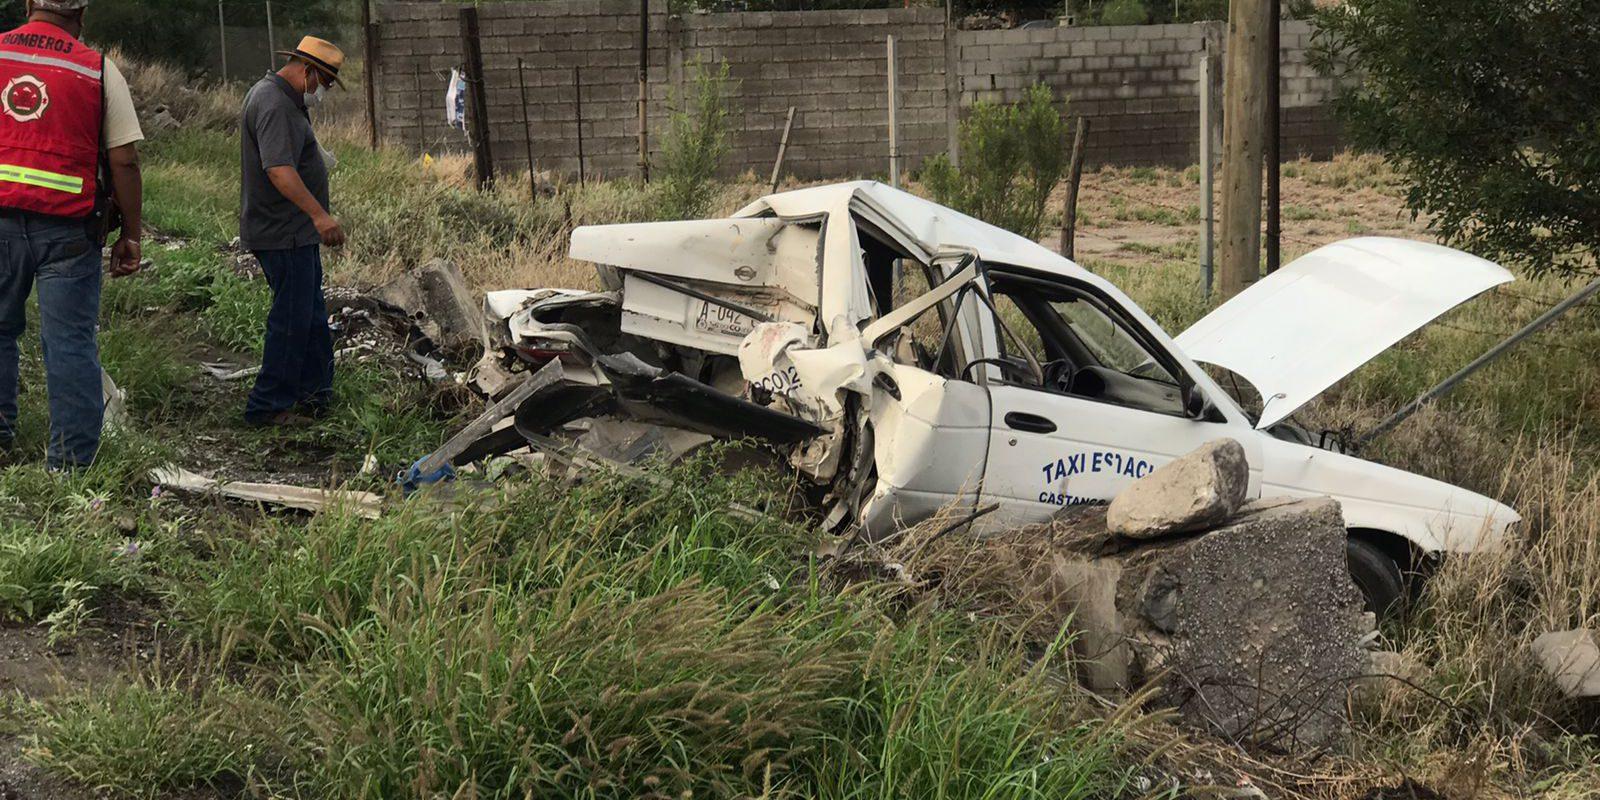 Policiaca: Arremanga Ford Explorer por detrás a taxi y deja mal herido al conductor, en bulevar Santa Cecilia de Castaños